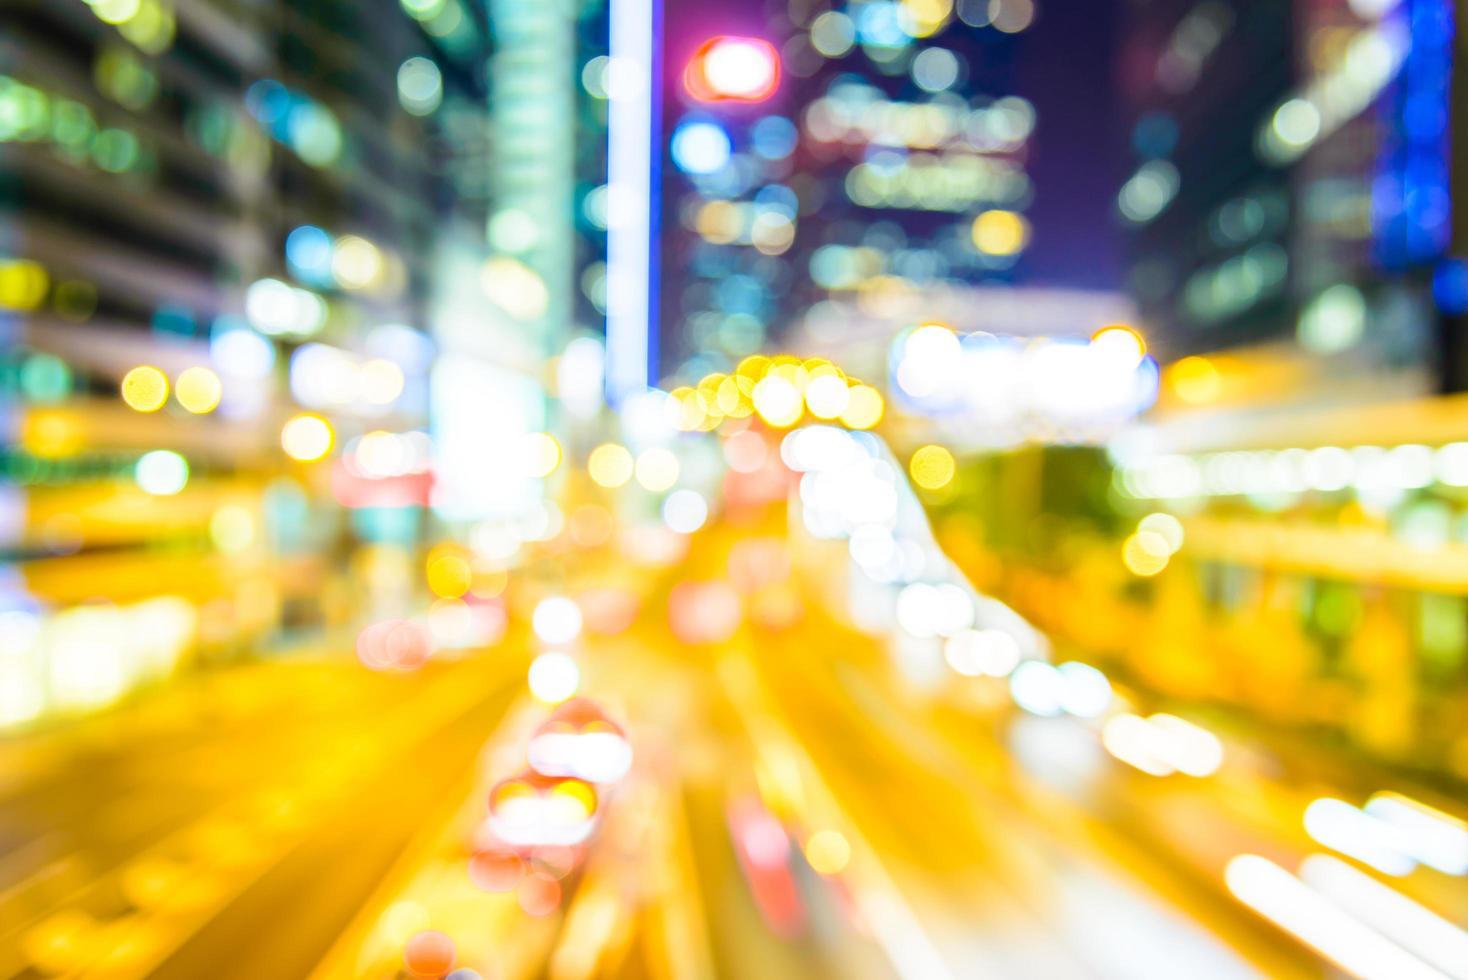 abstracte vervagen hong kong stad achtergrond foto